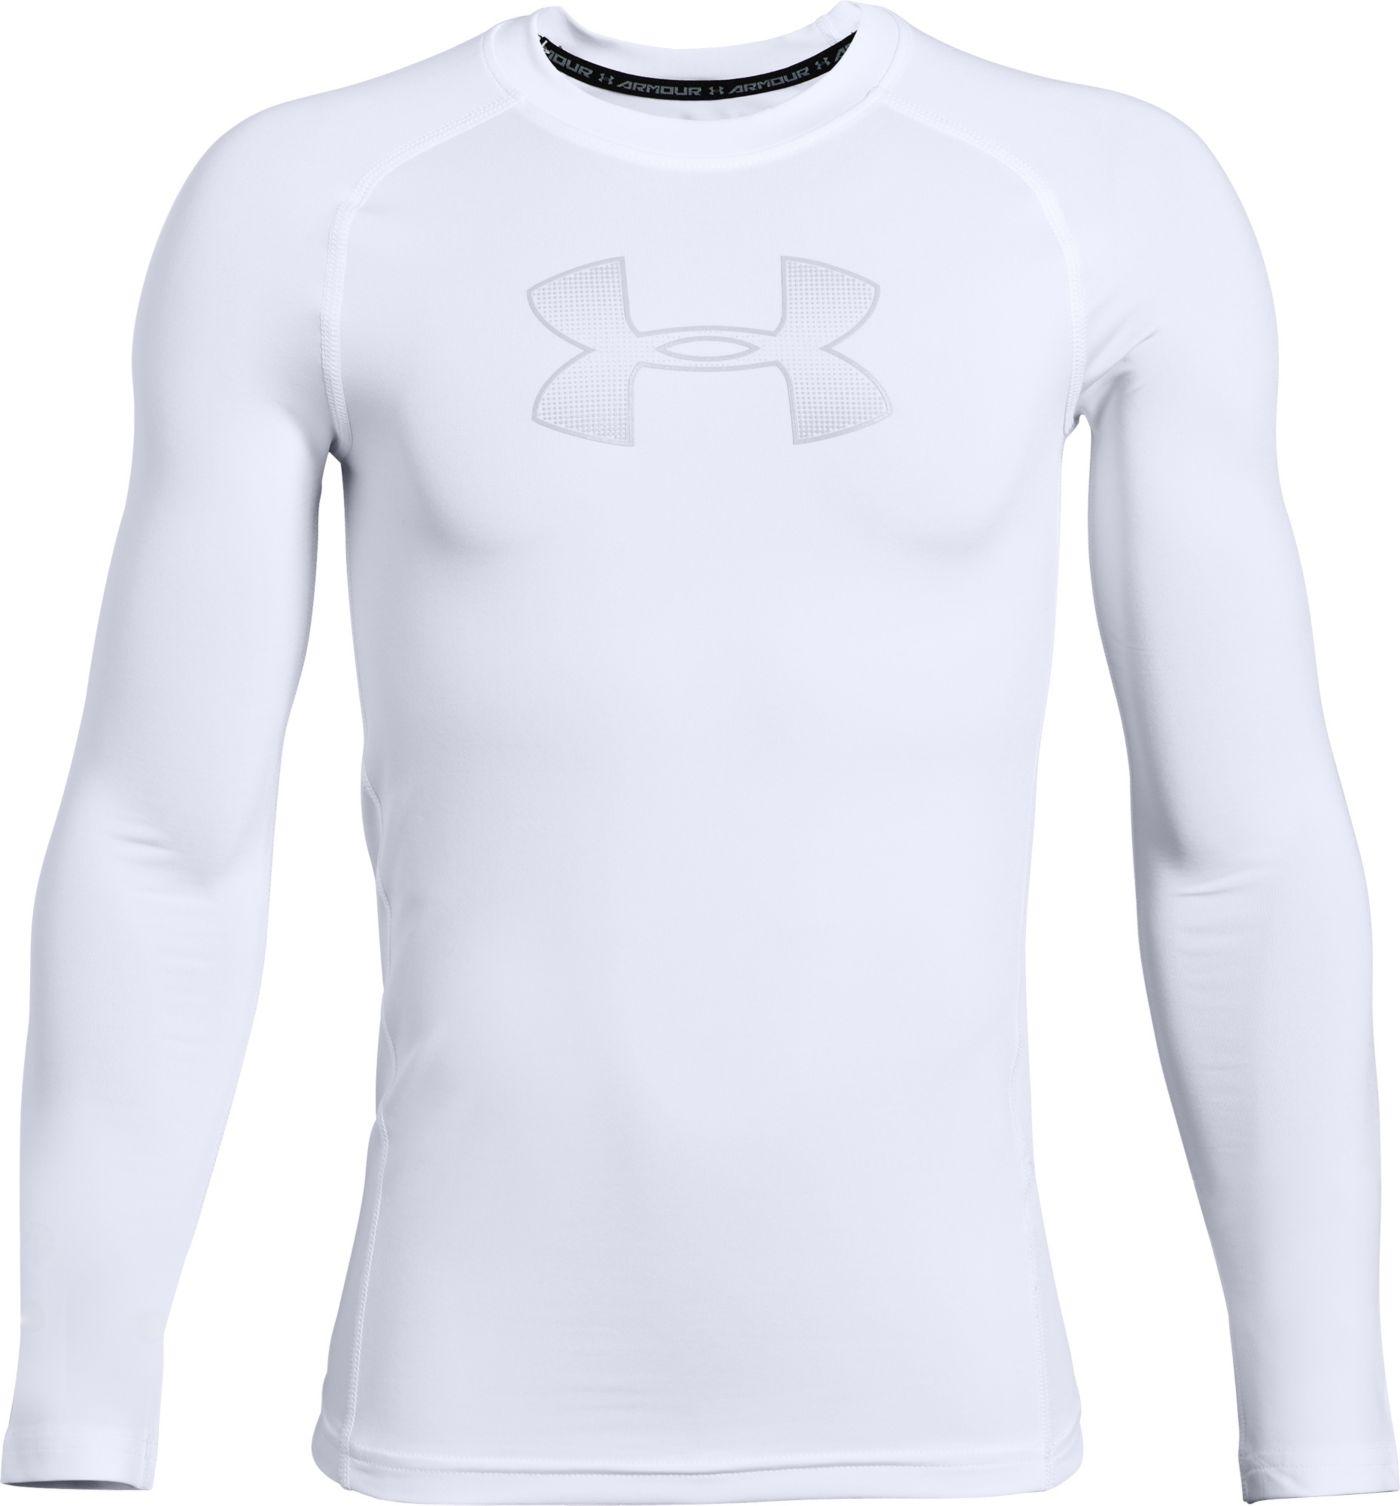 Under Armour Boys' HeatGear Armour Long Sleeve Shirt